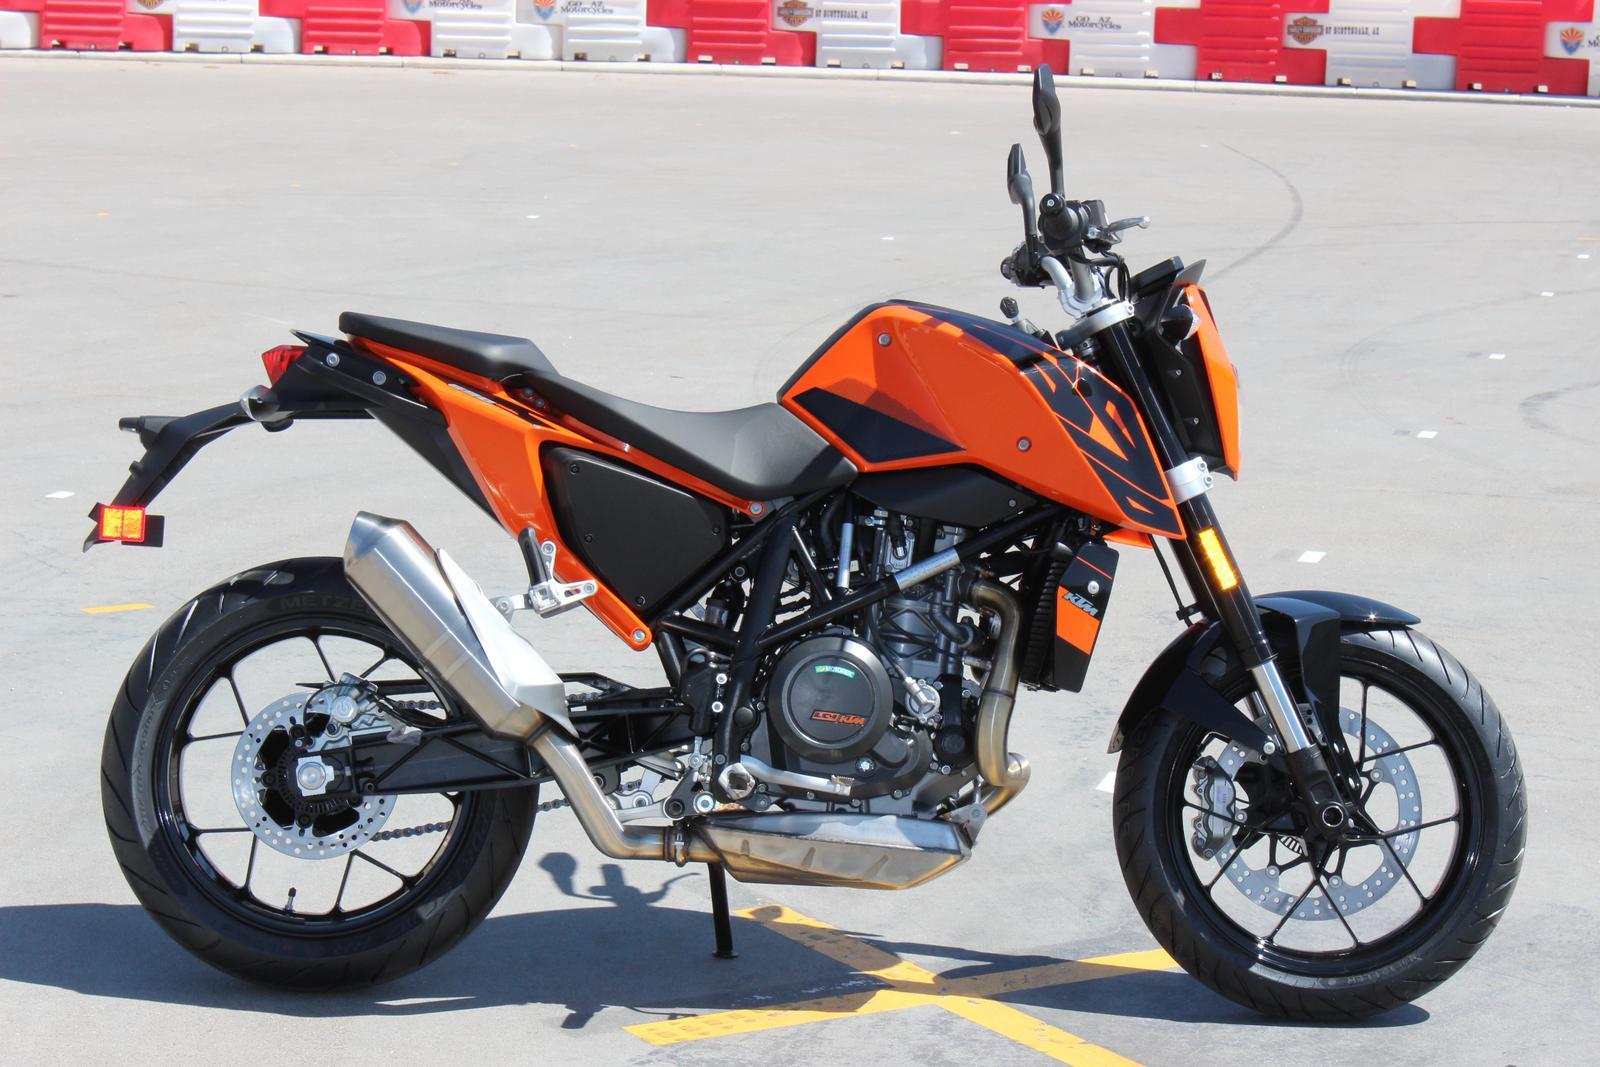 2017 Ktm 690 Go Az Motorcycles 24